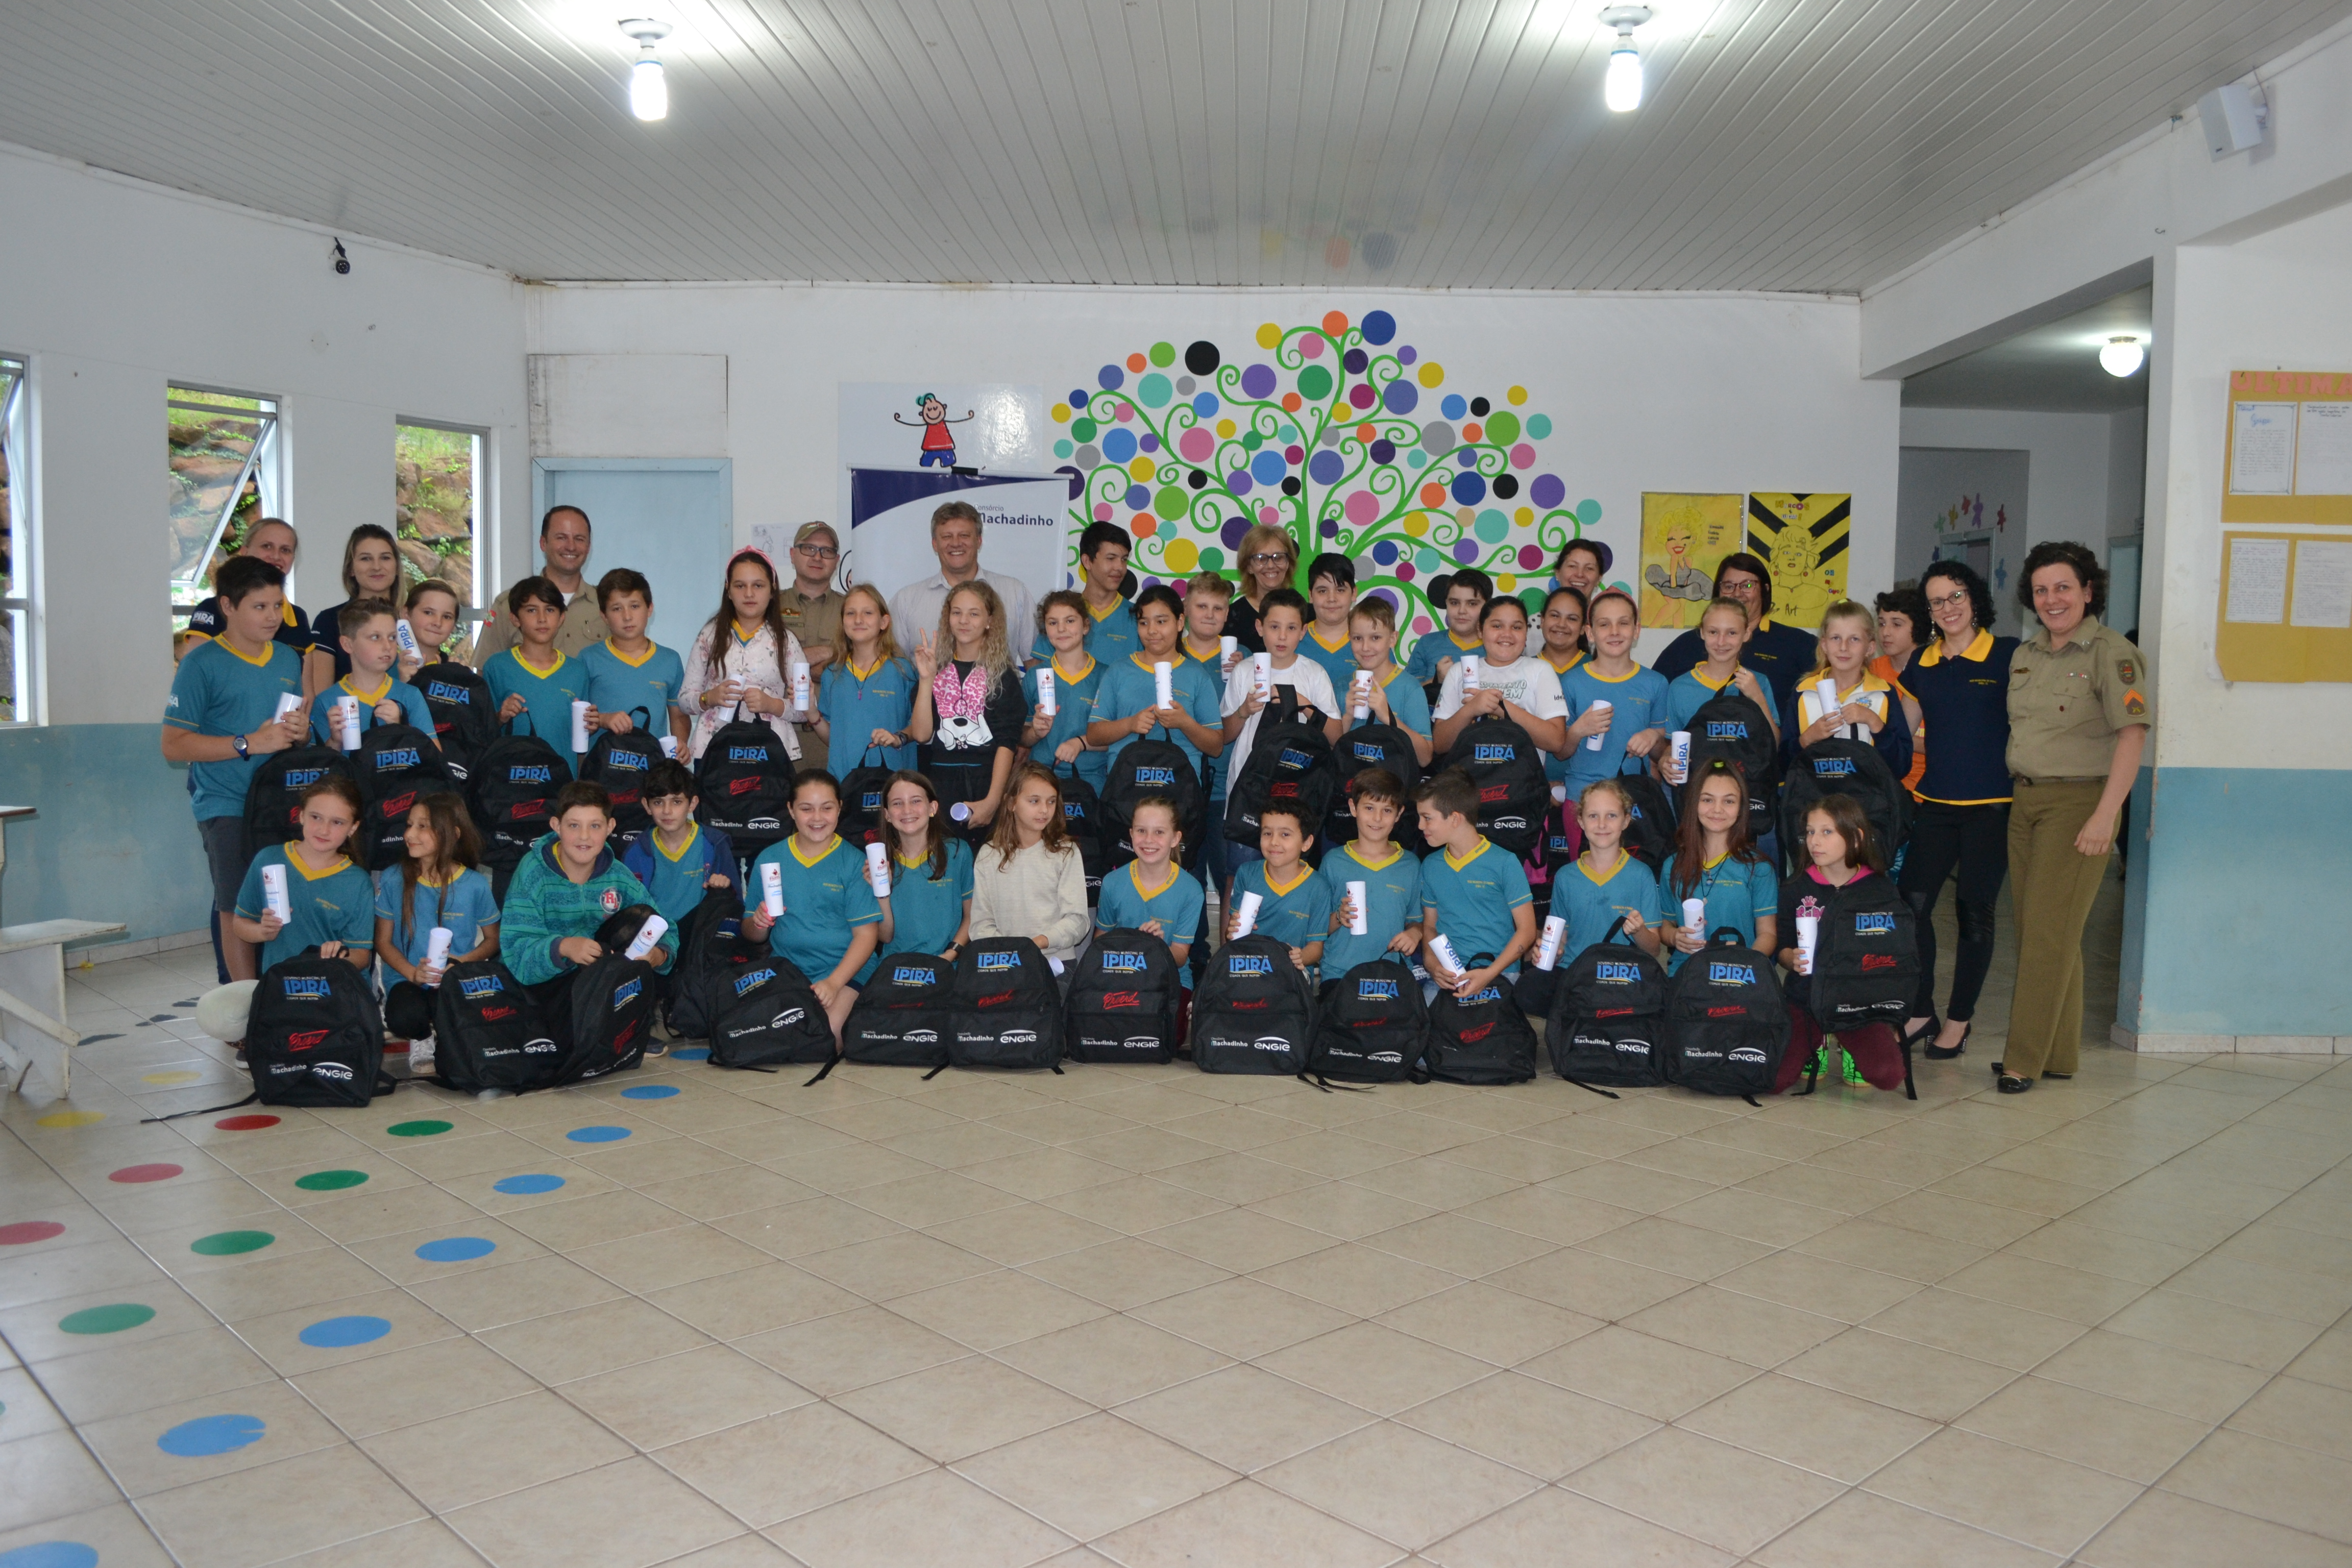 Alunos do PROERD de Ipira recebem kit escolar e ensaiam para a formatura - Jornal Bom Dia